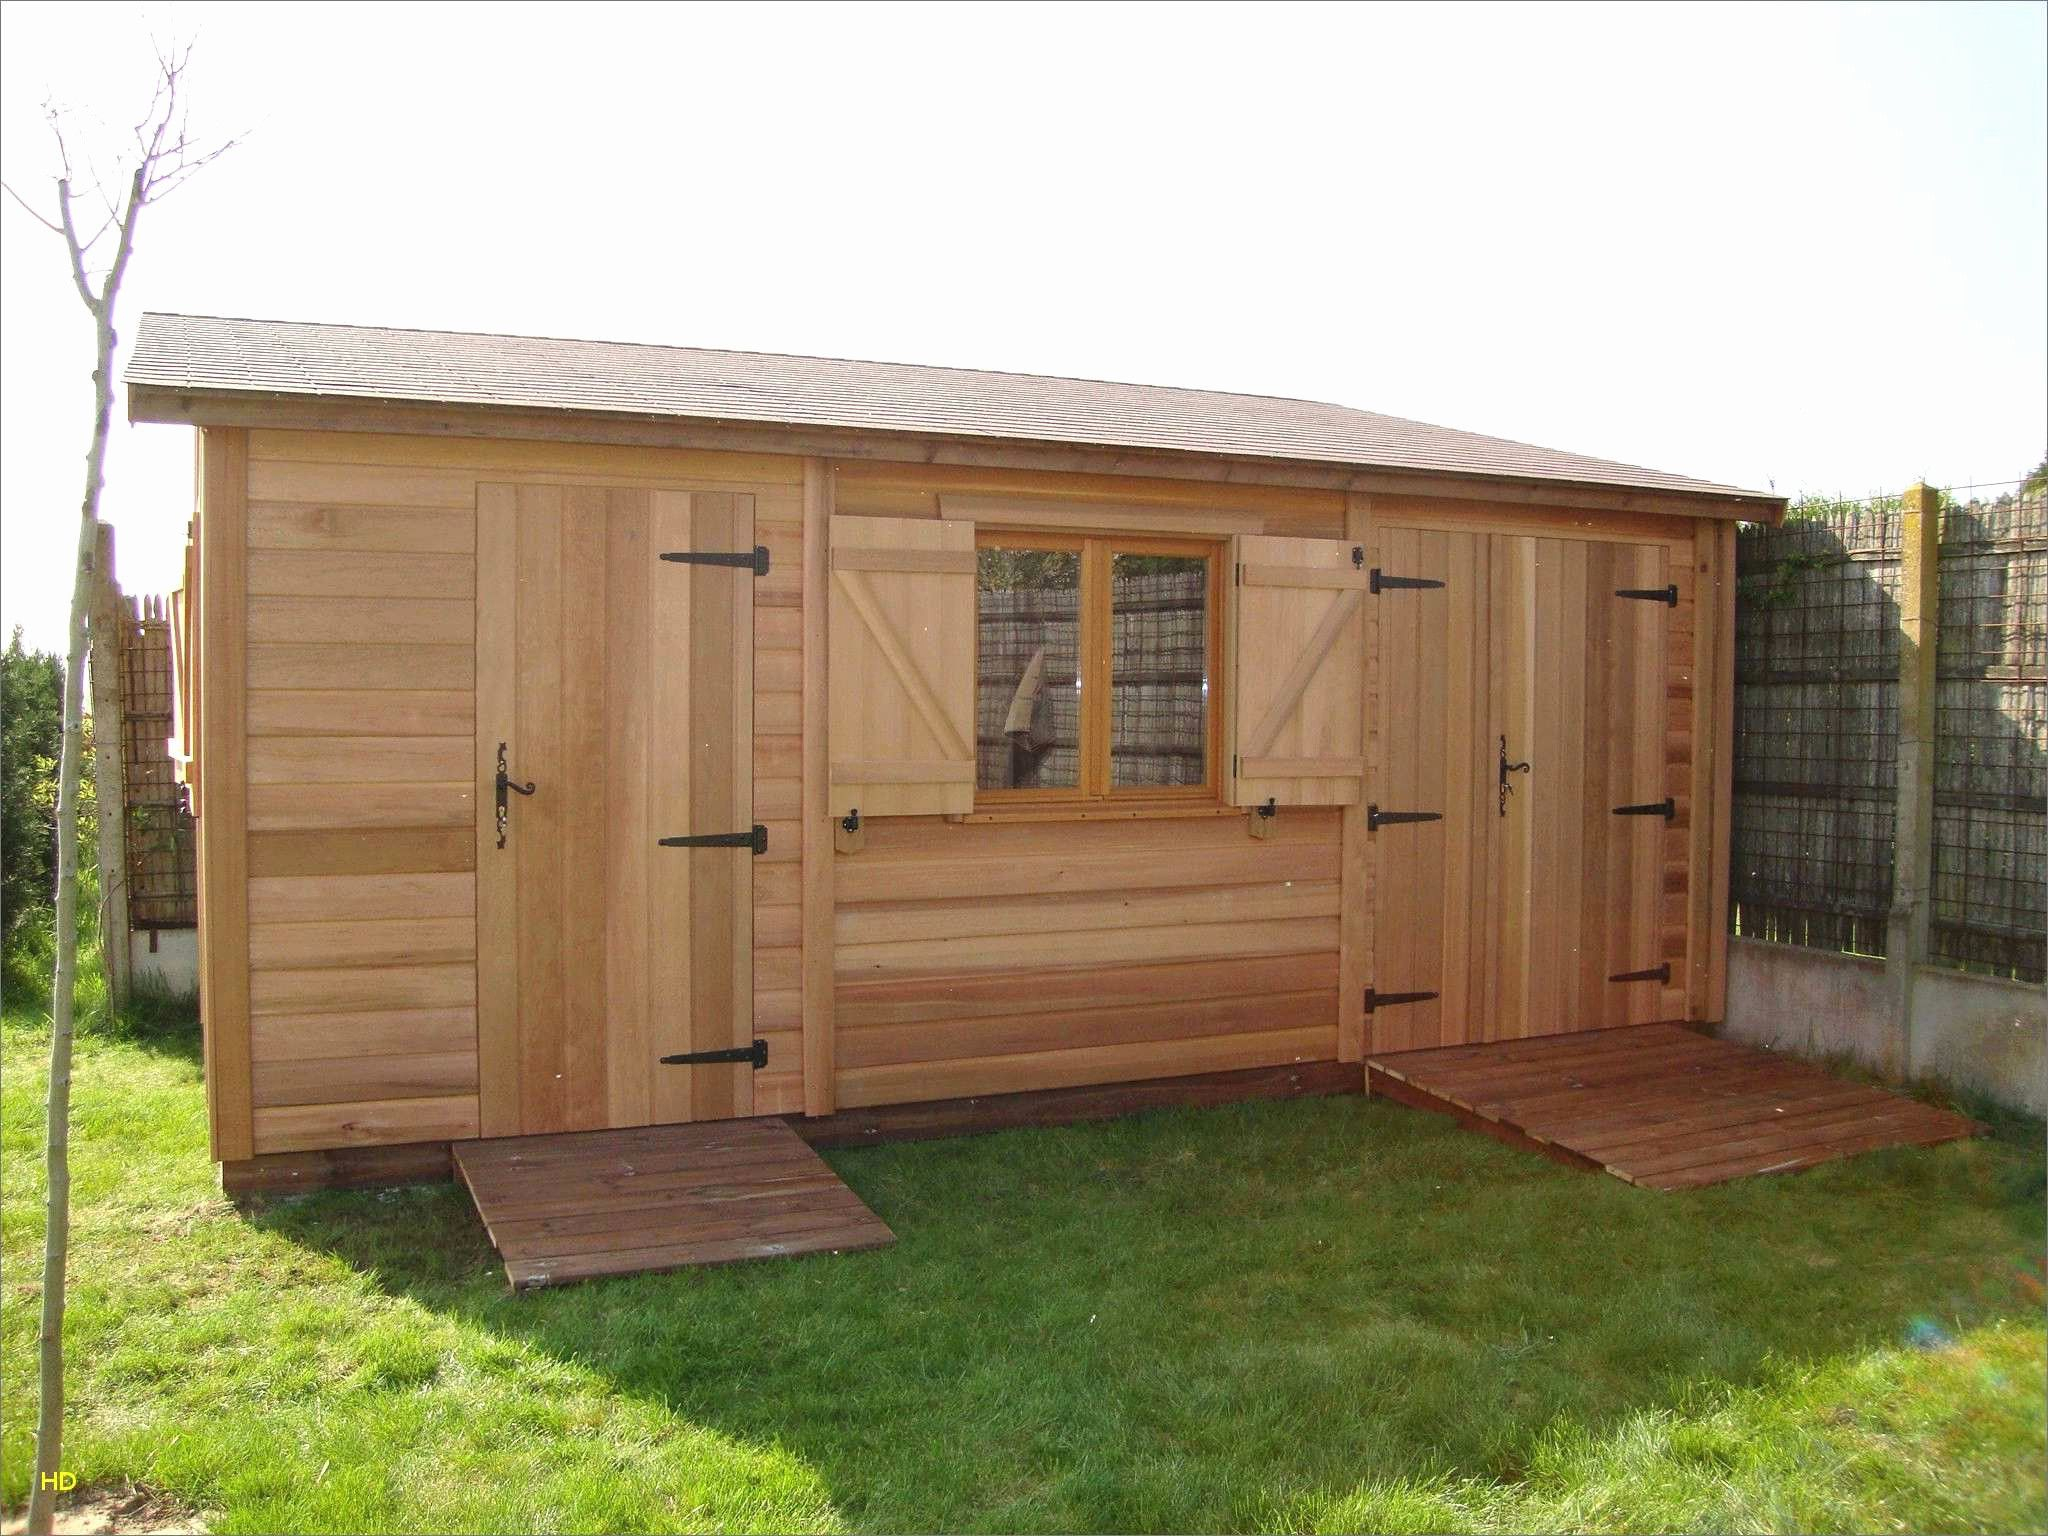 Plan Abri De Jardin En Bois 1 Pente Lovely Luxe Plan Abri De ... tout Plan Cabane De Jardin